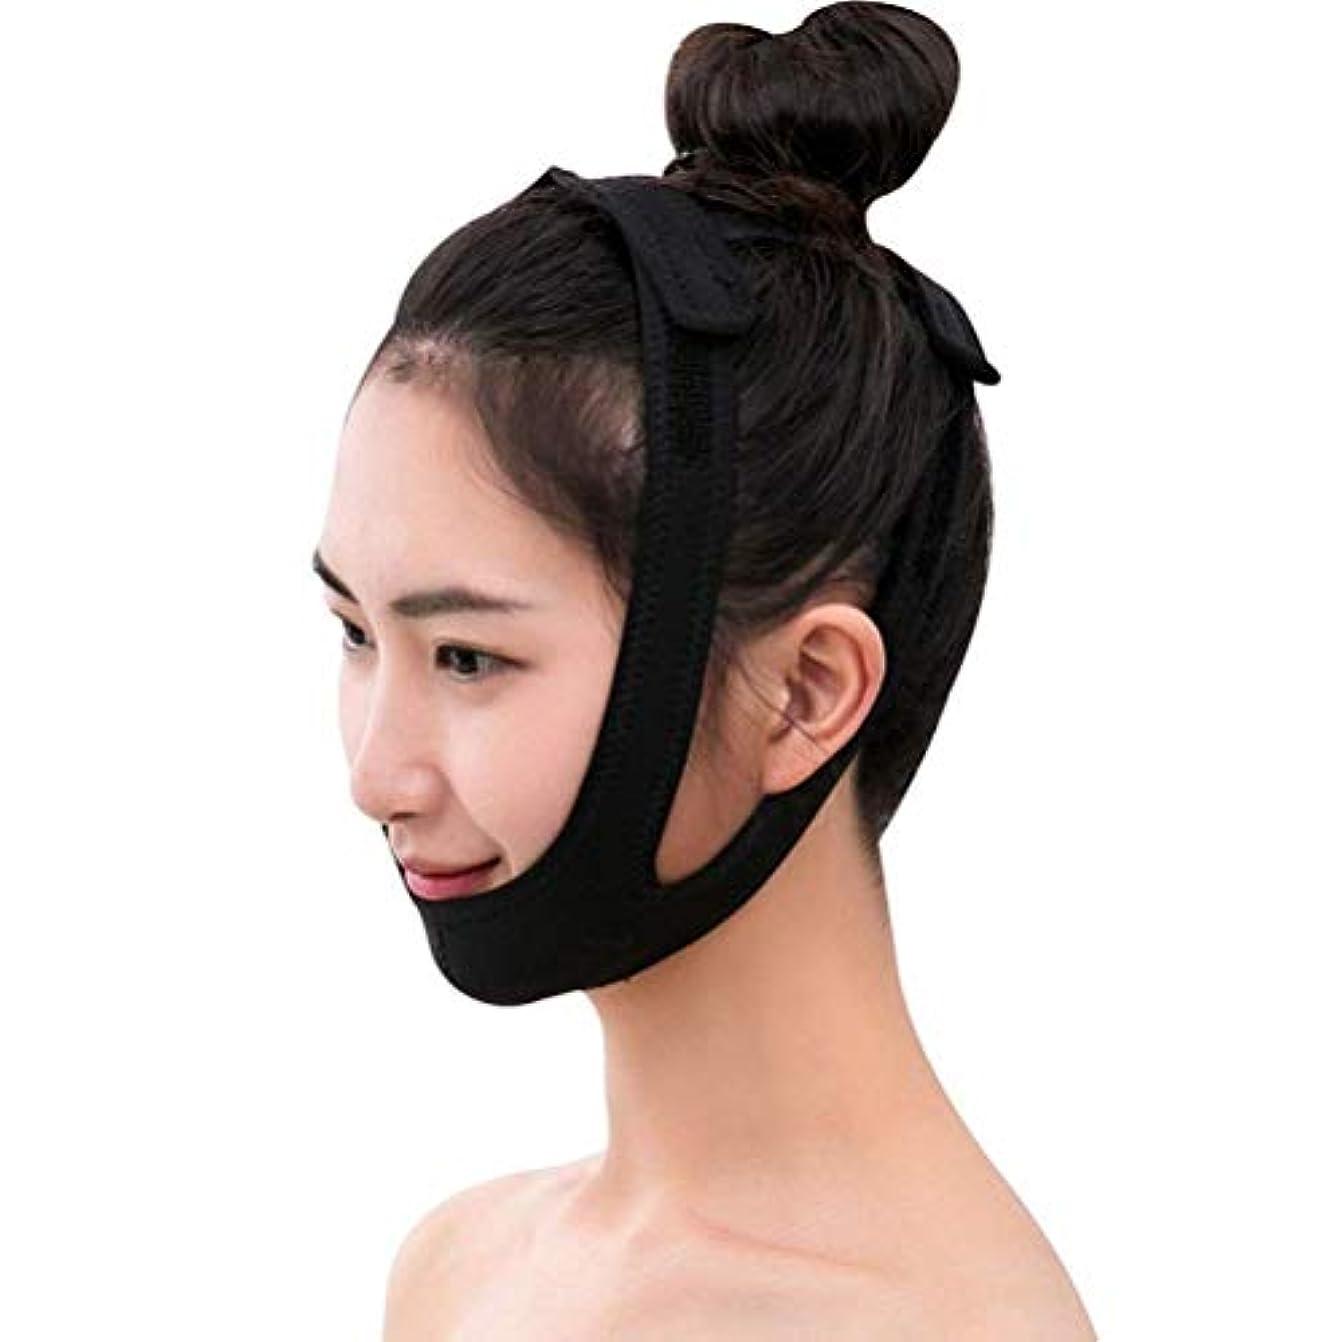 歯車フォロー適合しましたフェイスリフティングマスク、フェイスリフティング包帯V字型マスク/整形およびリフト/二重あごベルト/美容マスクフェイスリフト/縮小二重あご包帯/顔面矯正ベルト